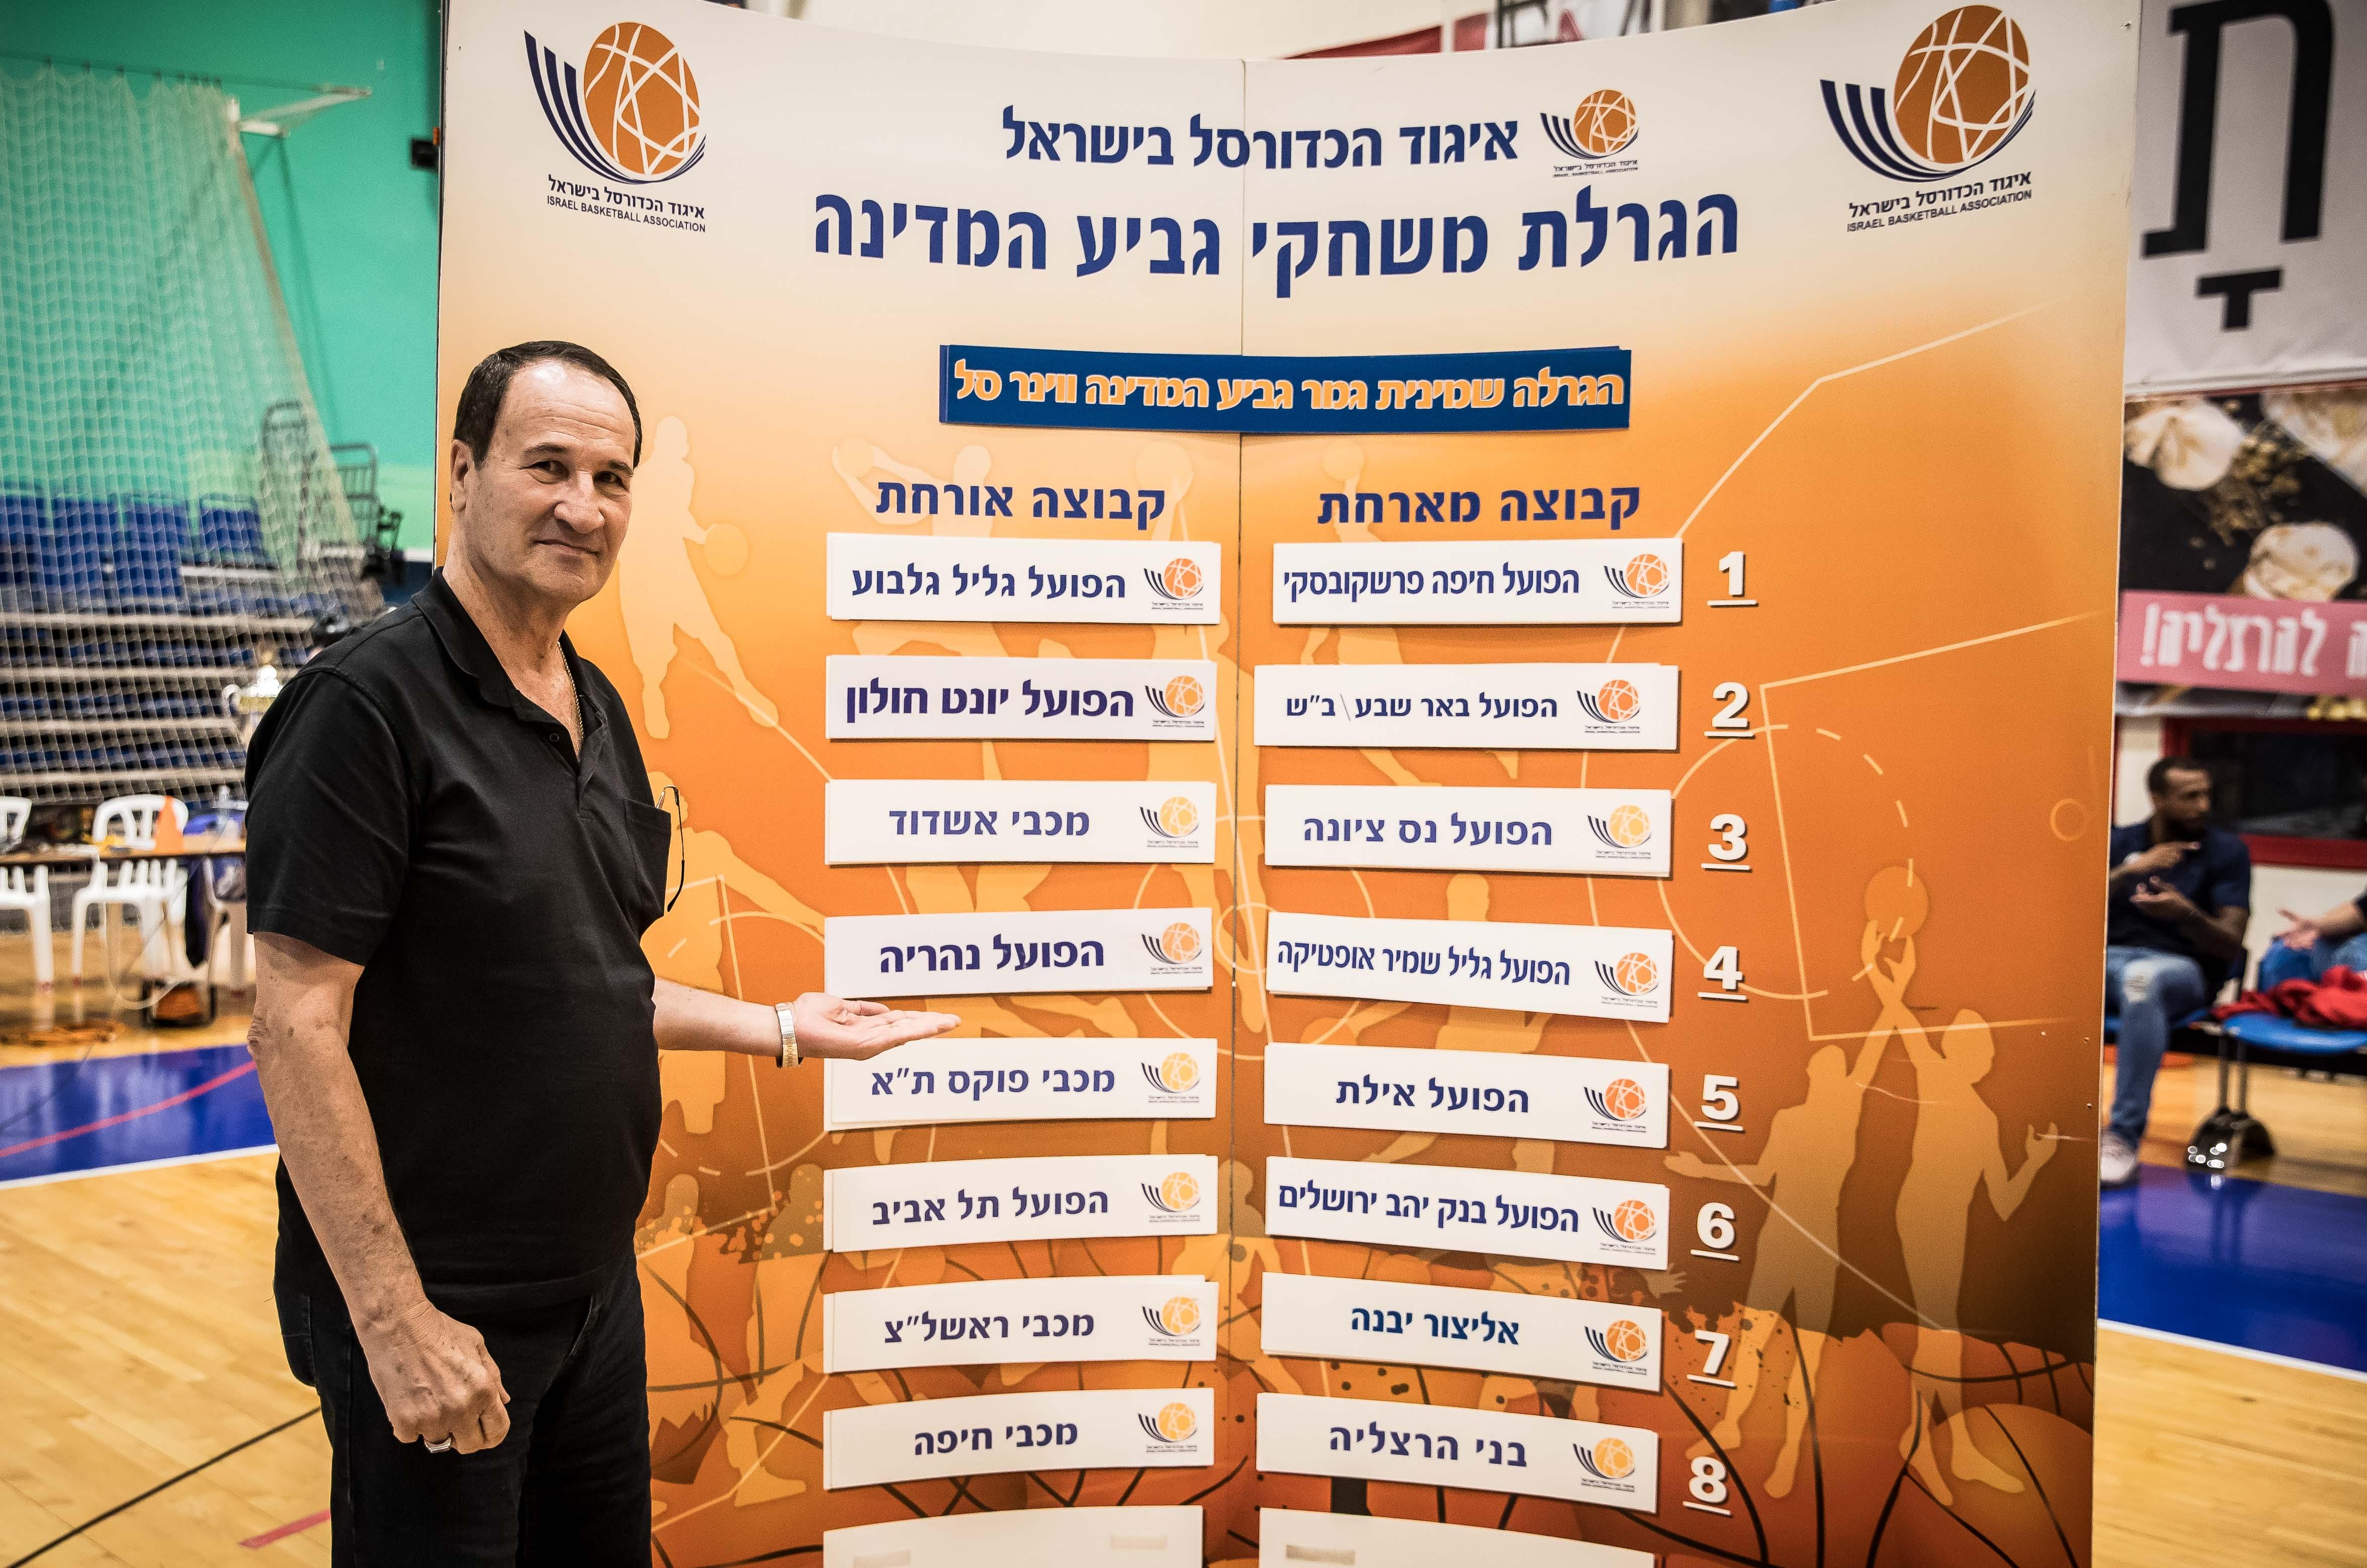 נקבע לוח משחקי שמינית גמר גביע המדינה